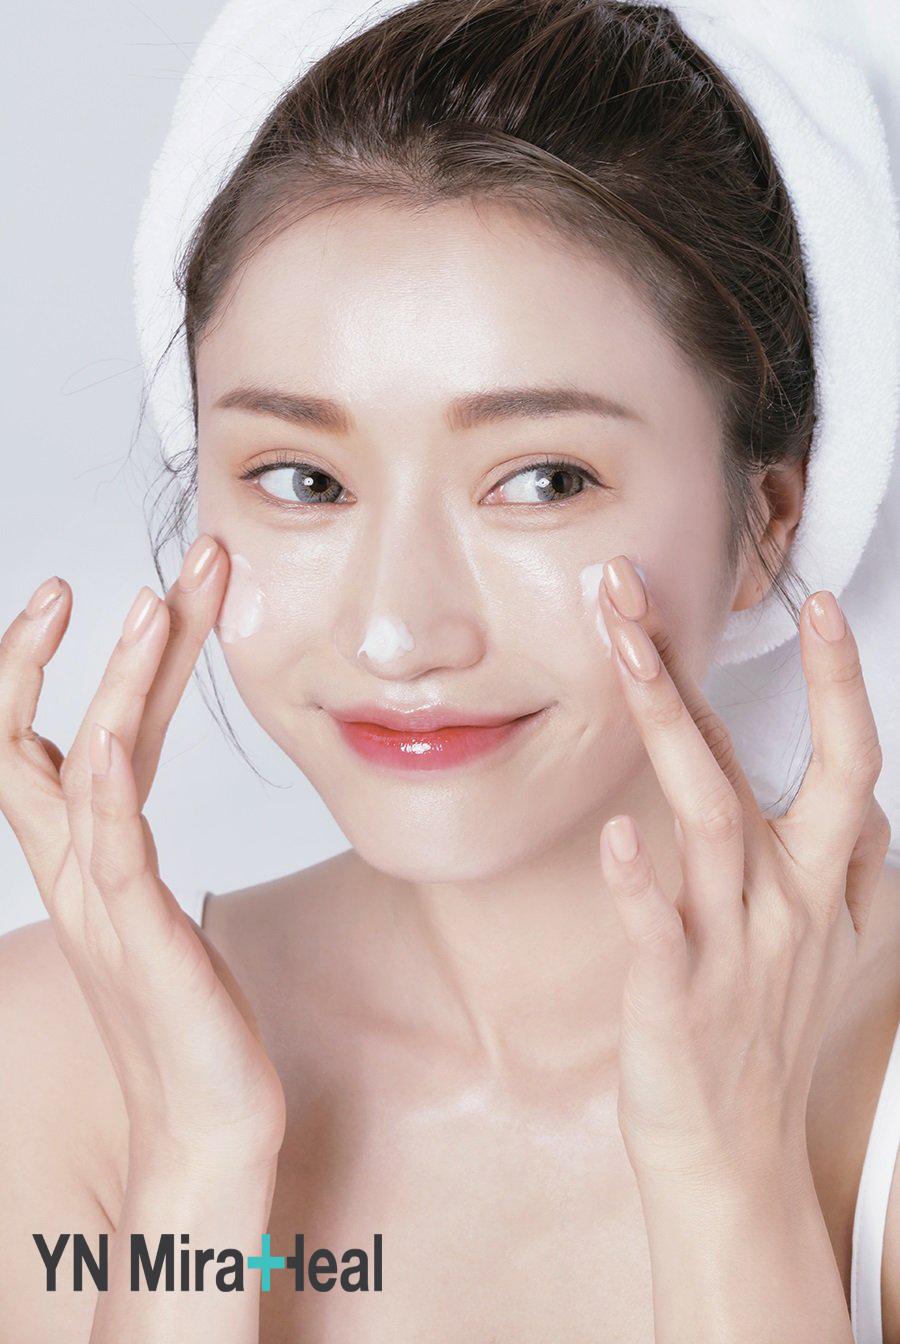 Các chuyên gia trang điểm thường dùng kem chống nắng sau bước dưỡng da